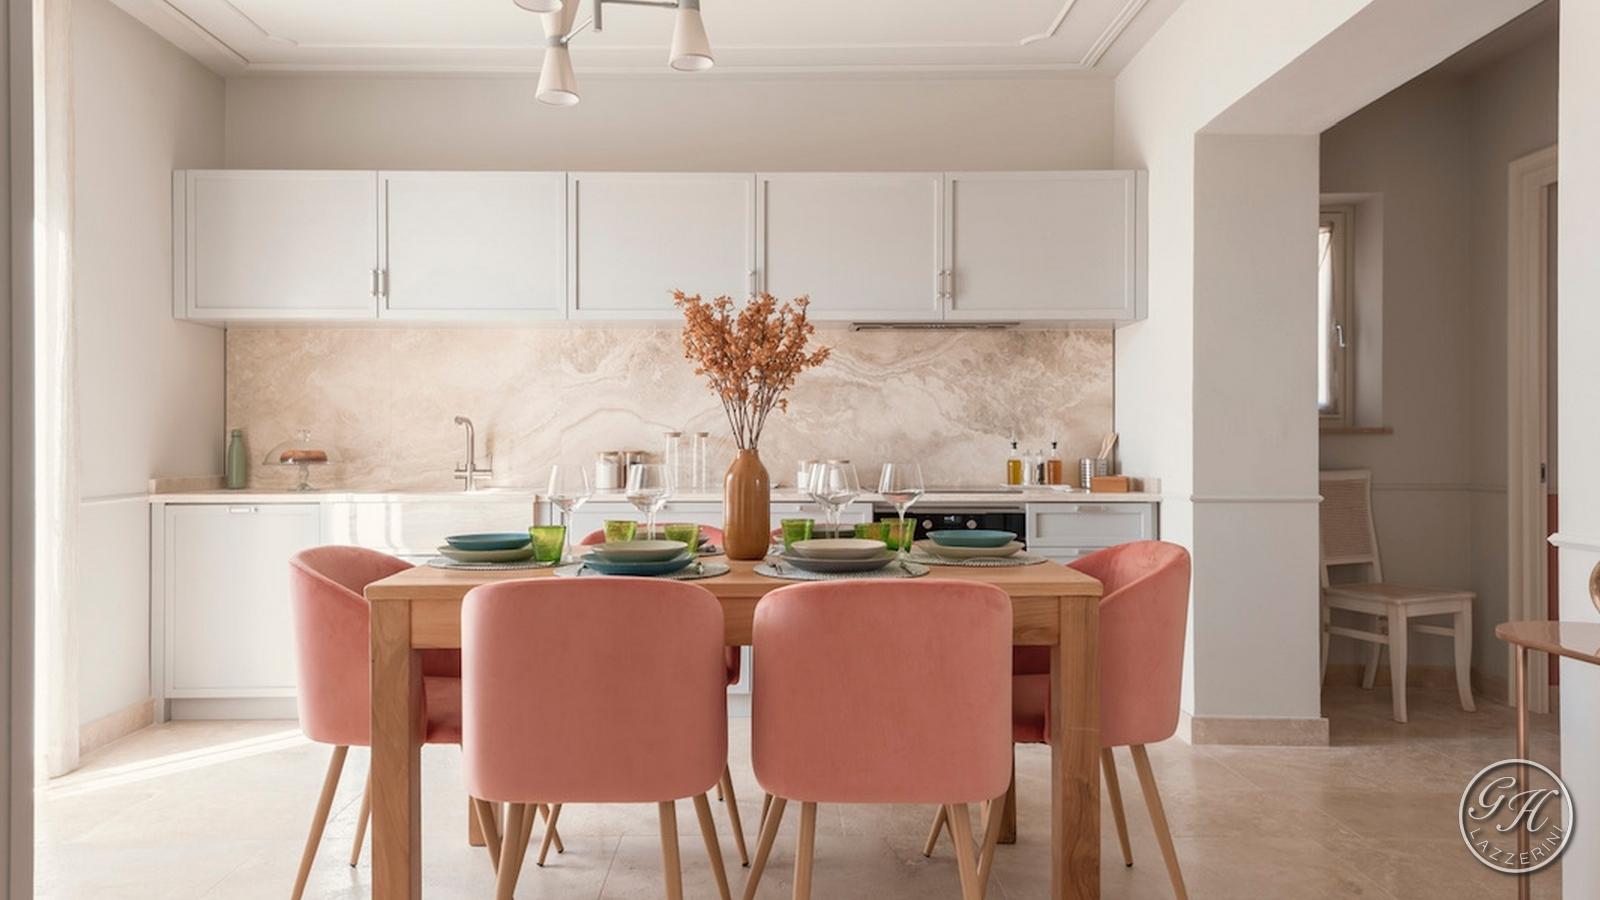 Cucina di Antea Terra, appartamento in stile classico, dai toni pastello, arredato con mobili di pregio e materie prime di qualità